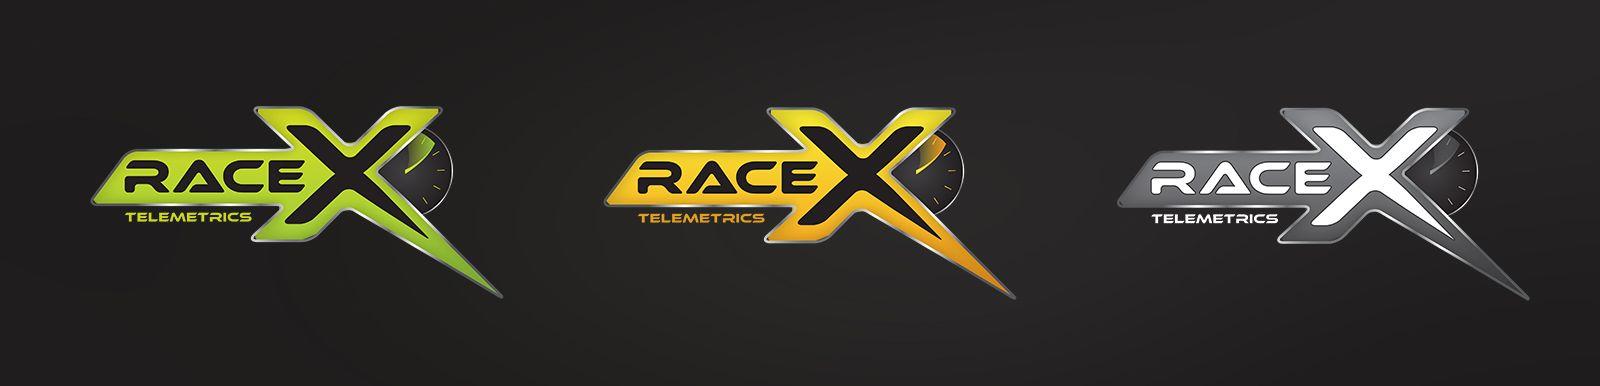 Логотип RaceX Telemetrics  - дизайнер DynamicMotion